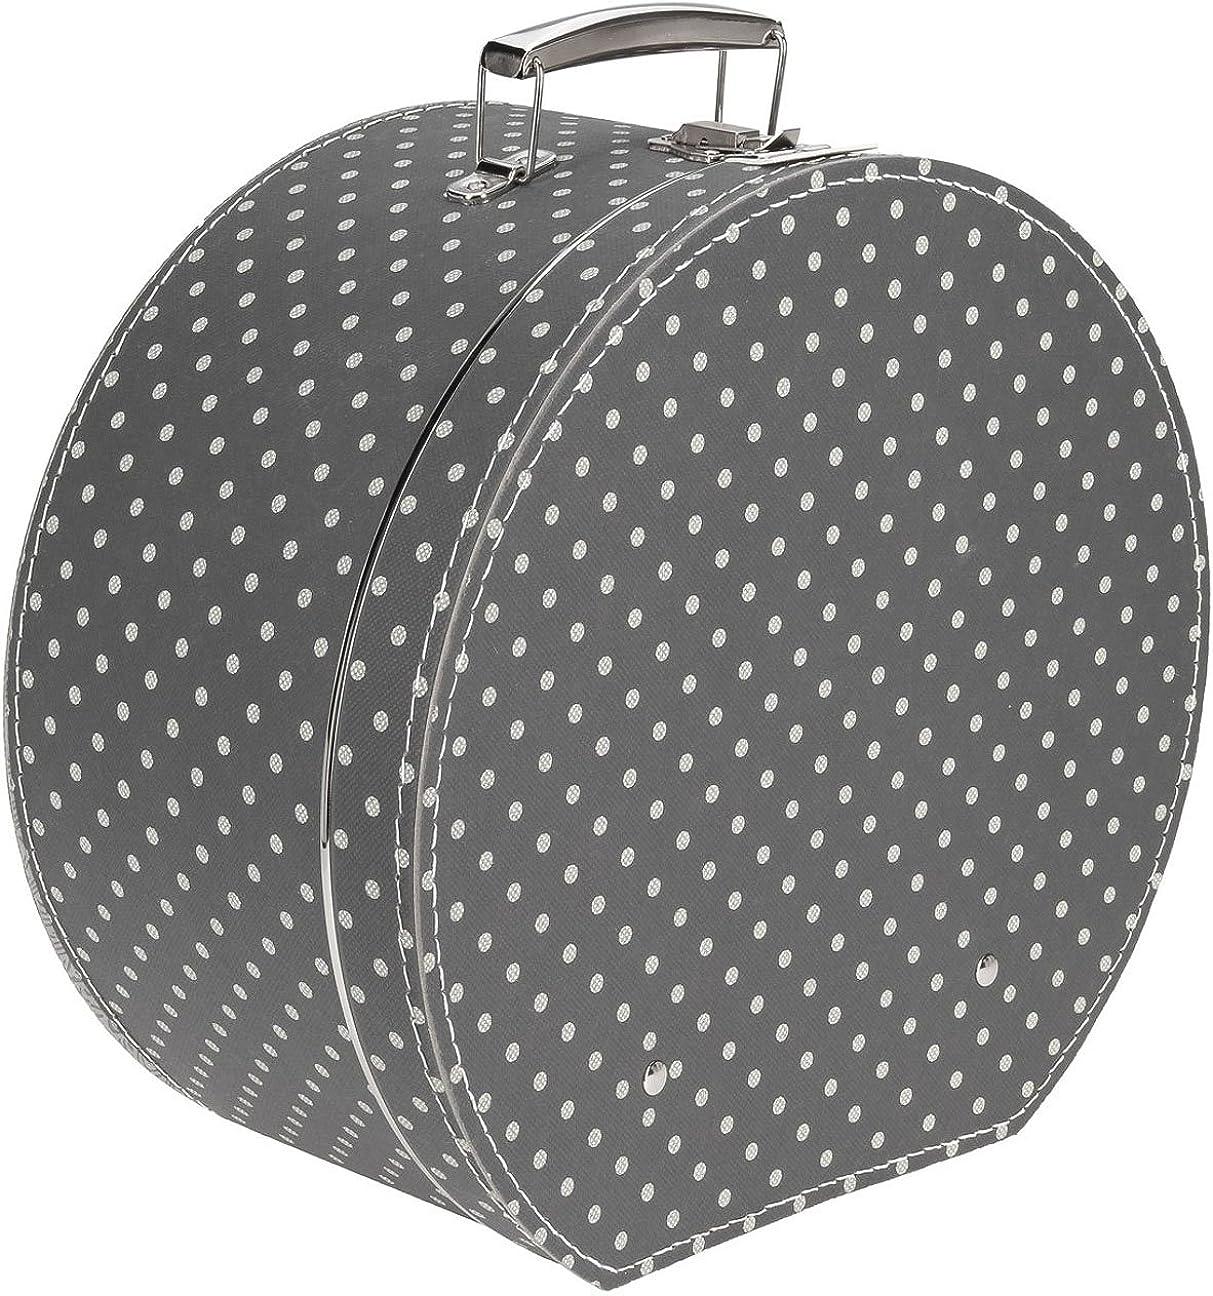 Lierys Caja Sombrero Lunares Mujer - Made in The EU para sombrerera complementos Verano/Invierno